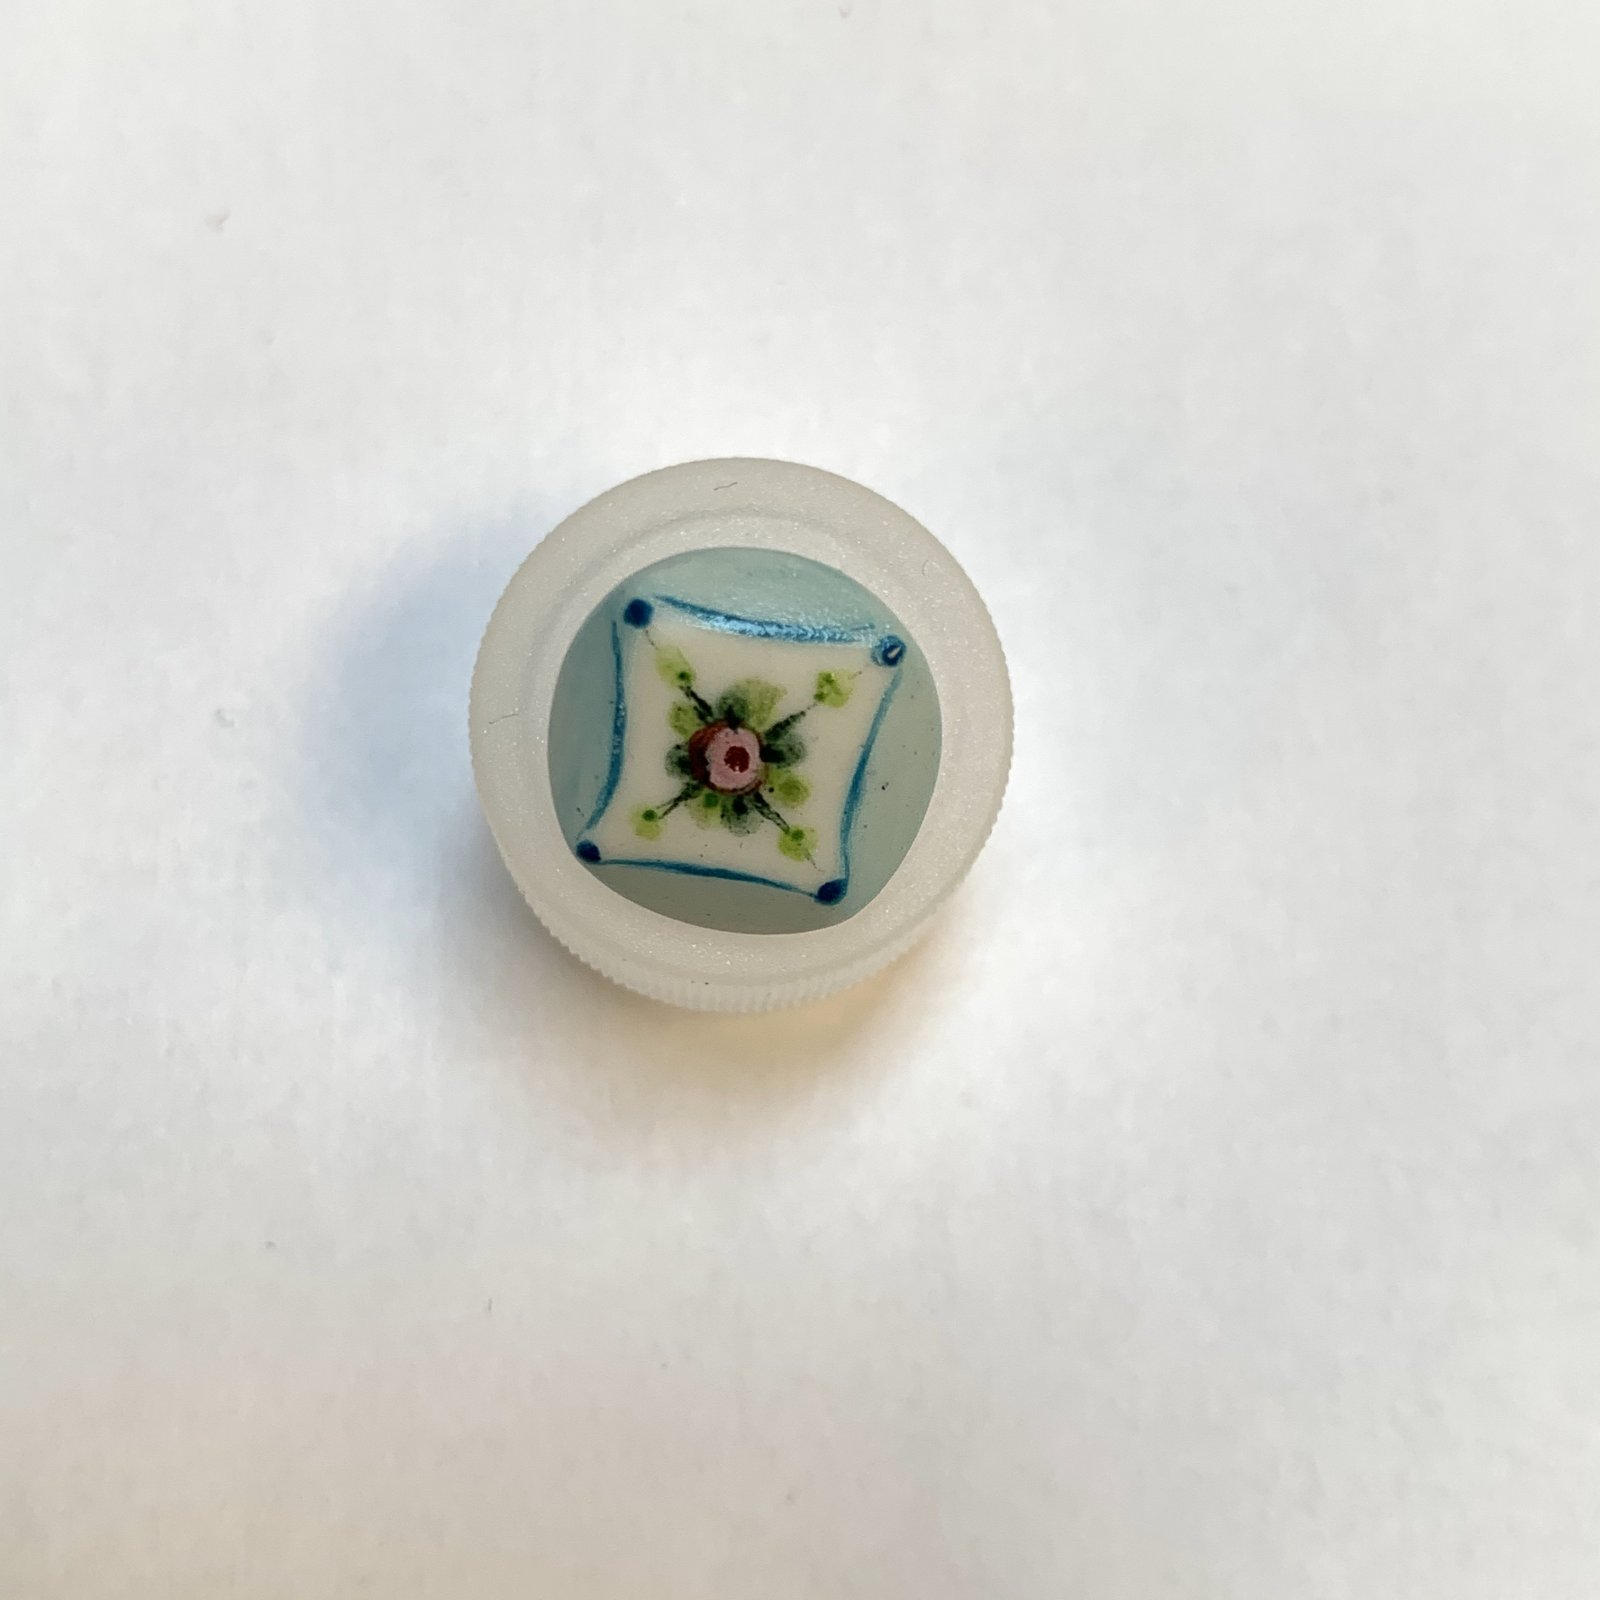 Blue PInk Floral Porcelain Button 1/2 Inch